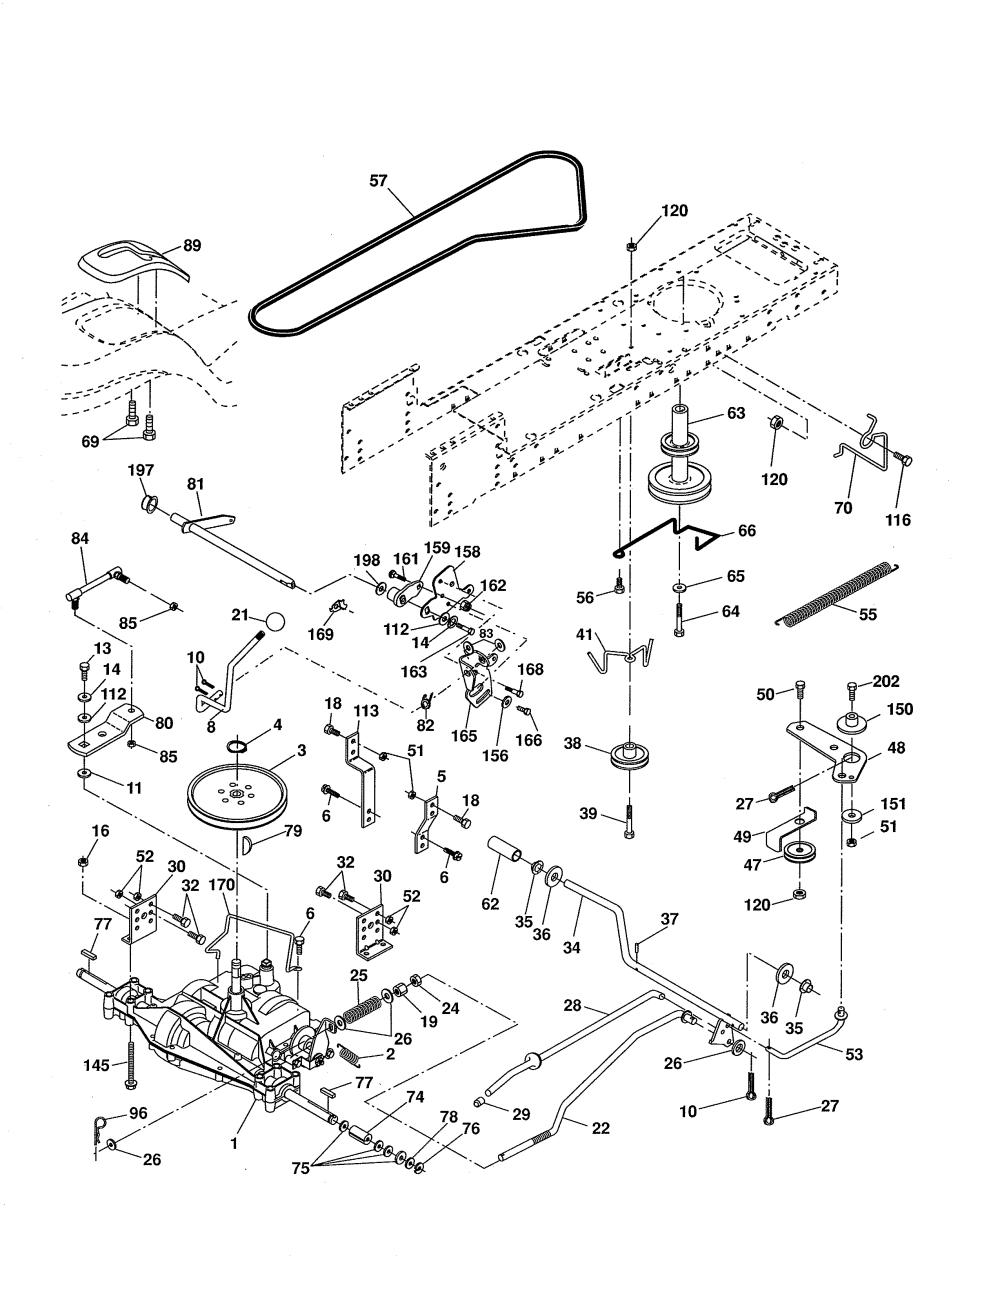 medium resolution of ariens 96016002701 drive diagram